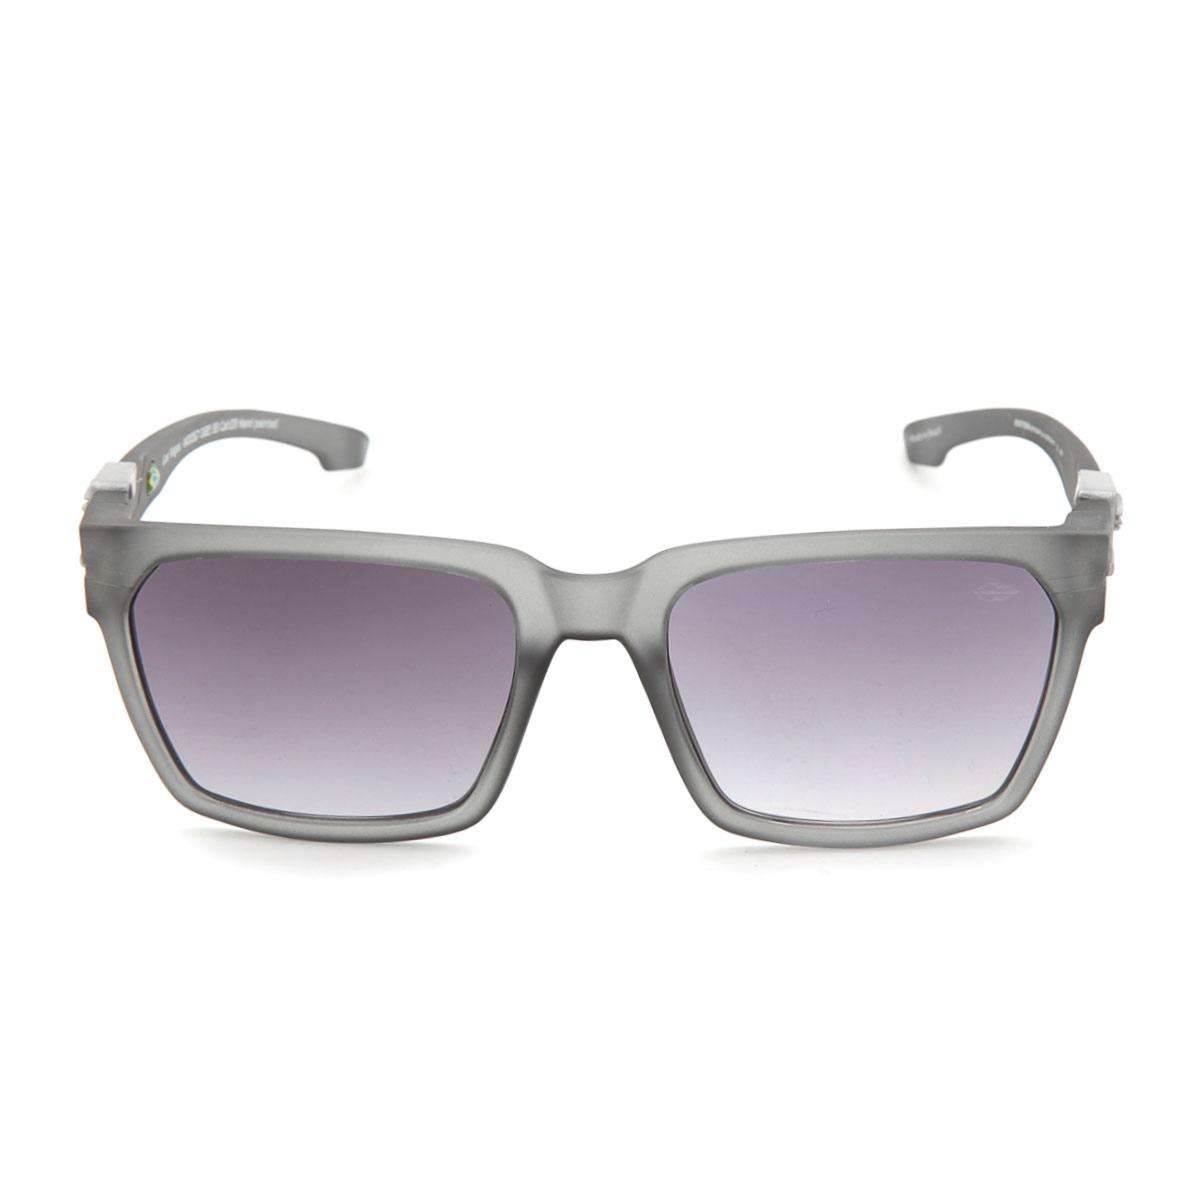 Óculos Mormaii Las Vegas Fume Fosco Lente Cinza Degrade ref M0057D2233 a7ffe71267